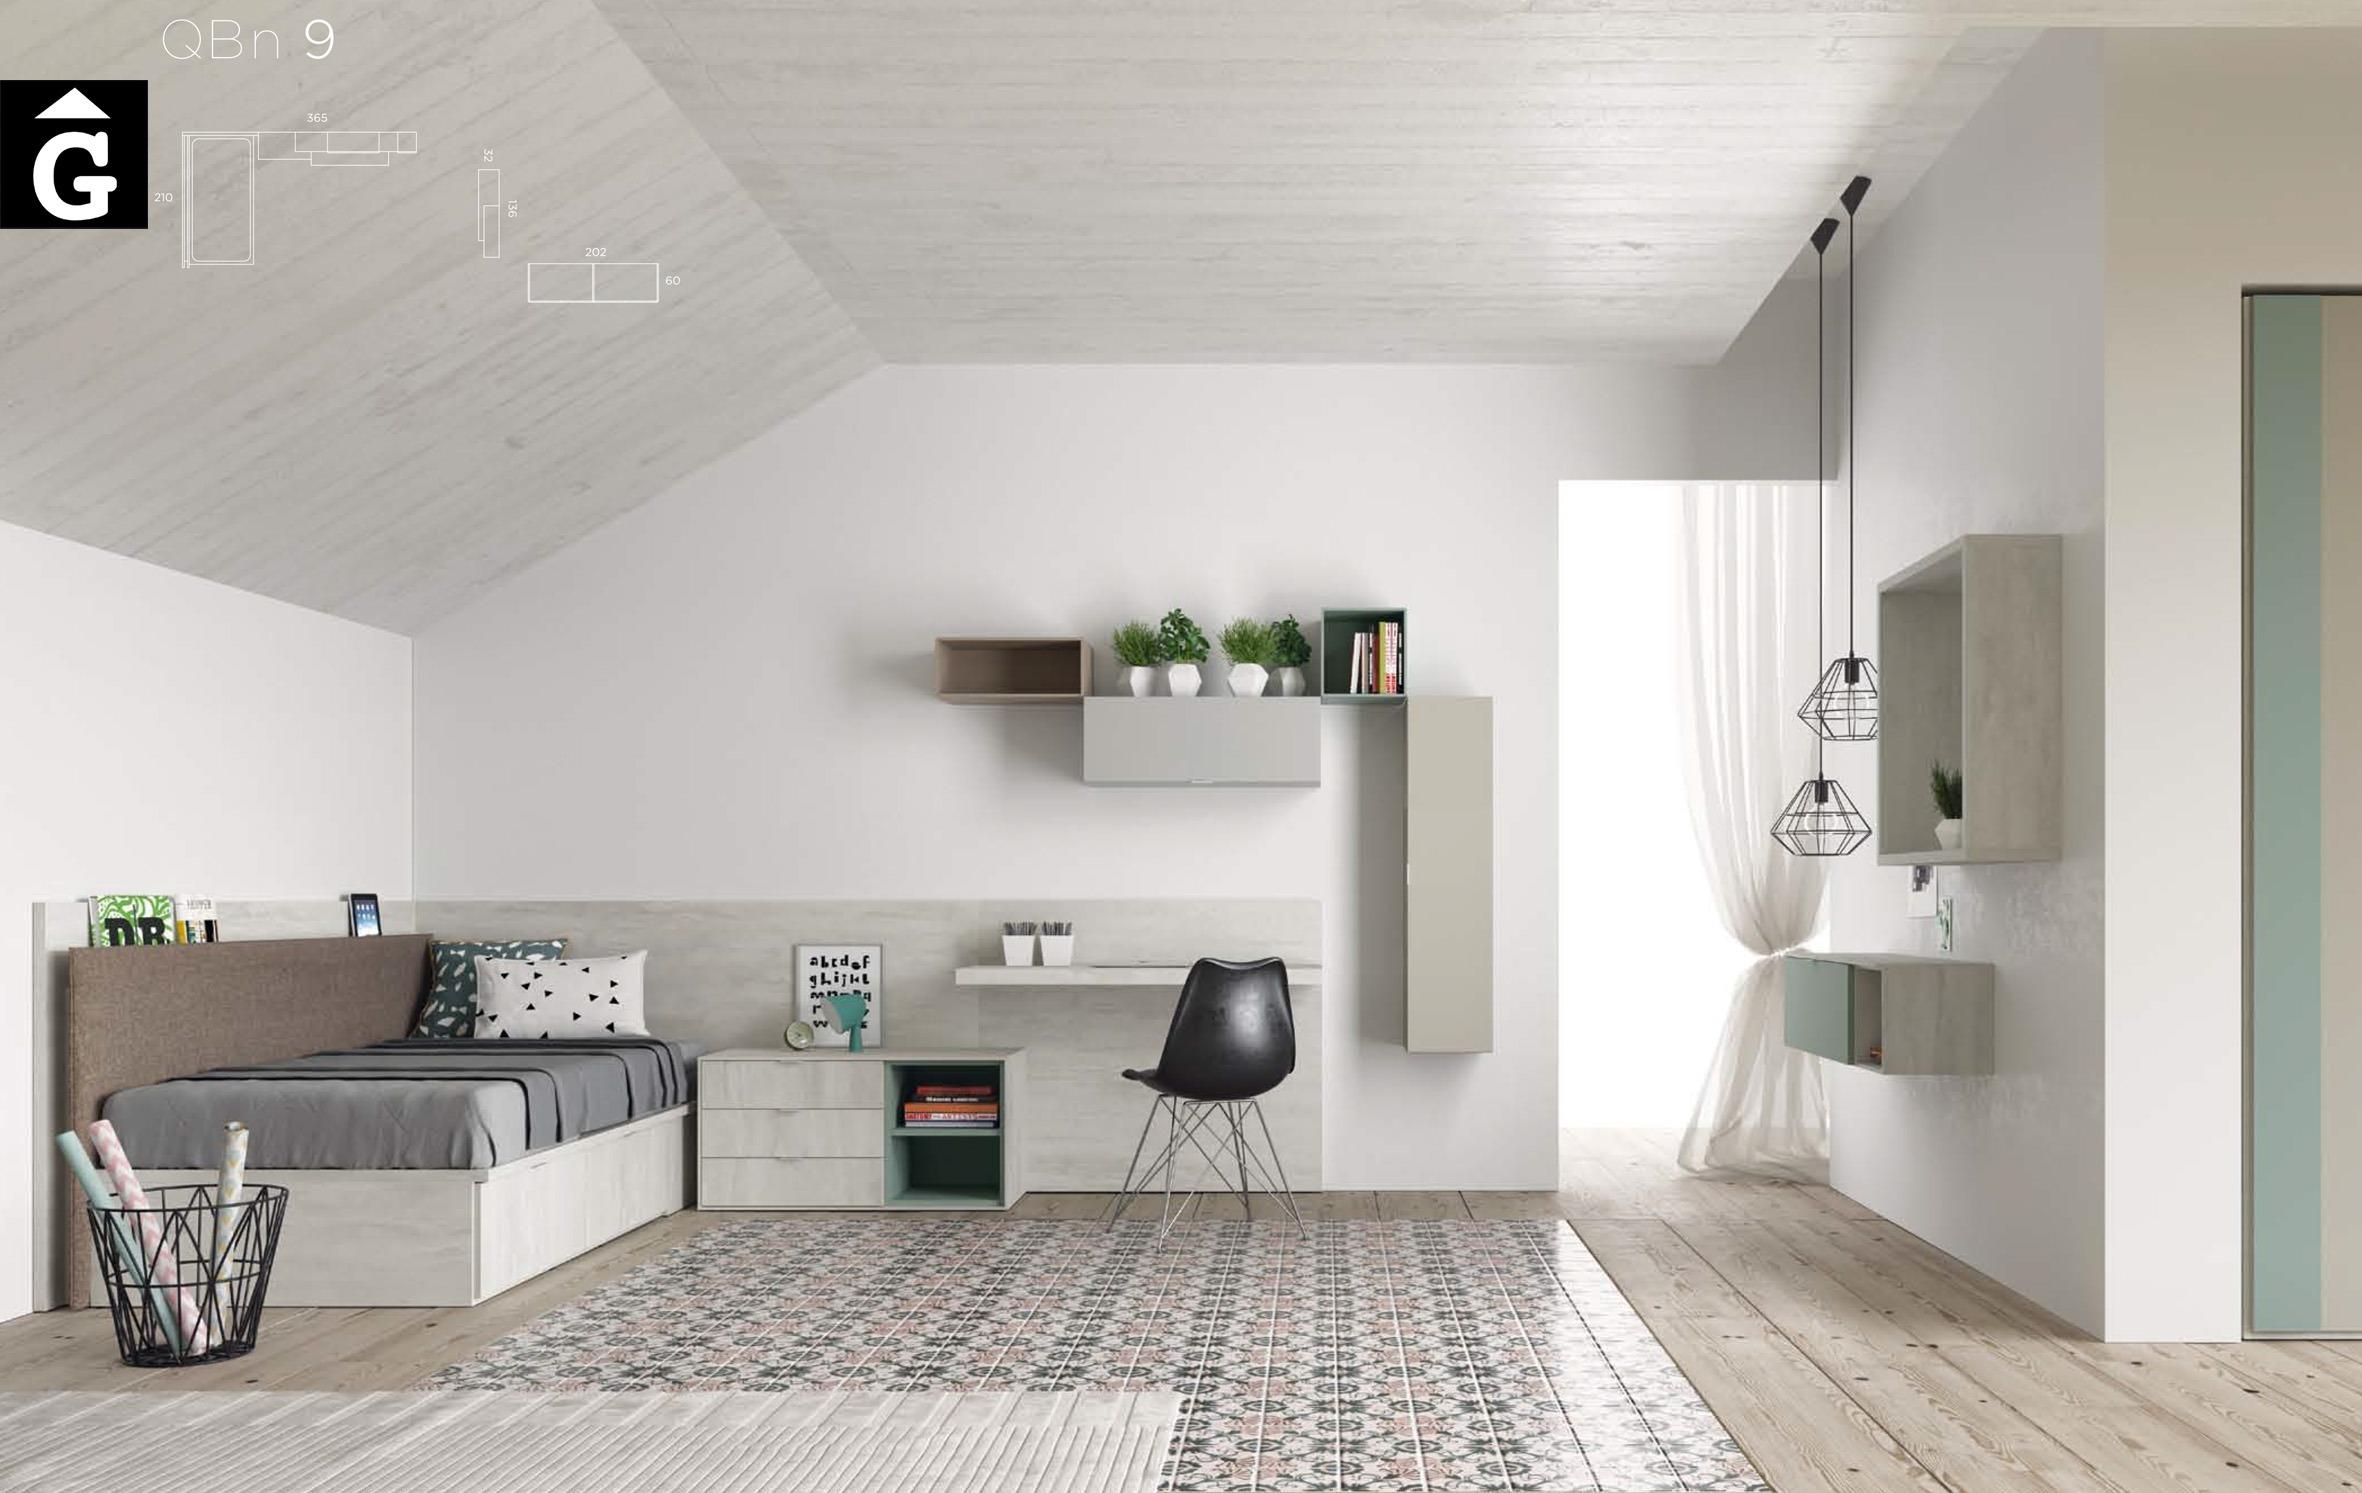 24 1 QB NEXT Tegar by nobles GIFREU Girona modern minim elegant atemporal